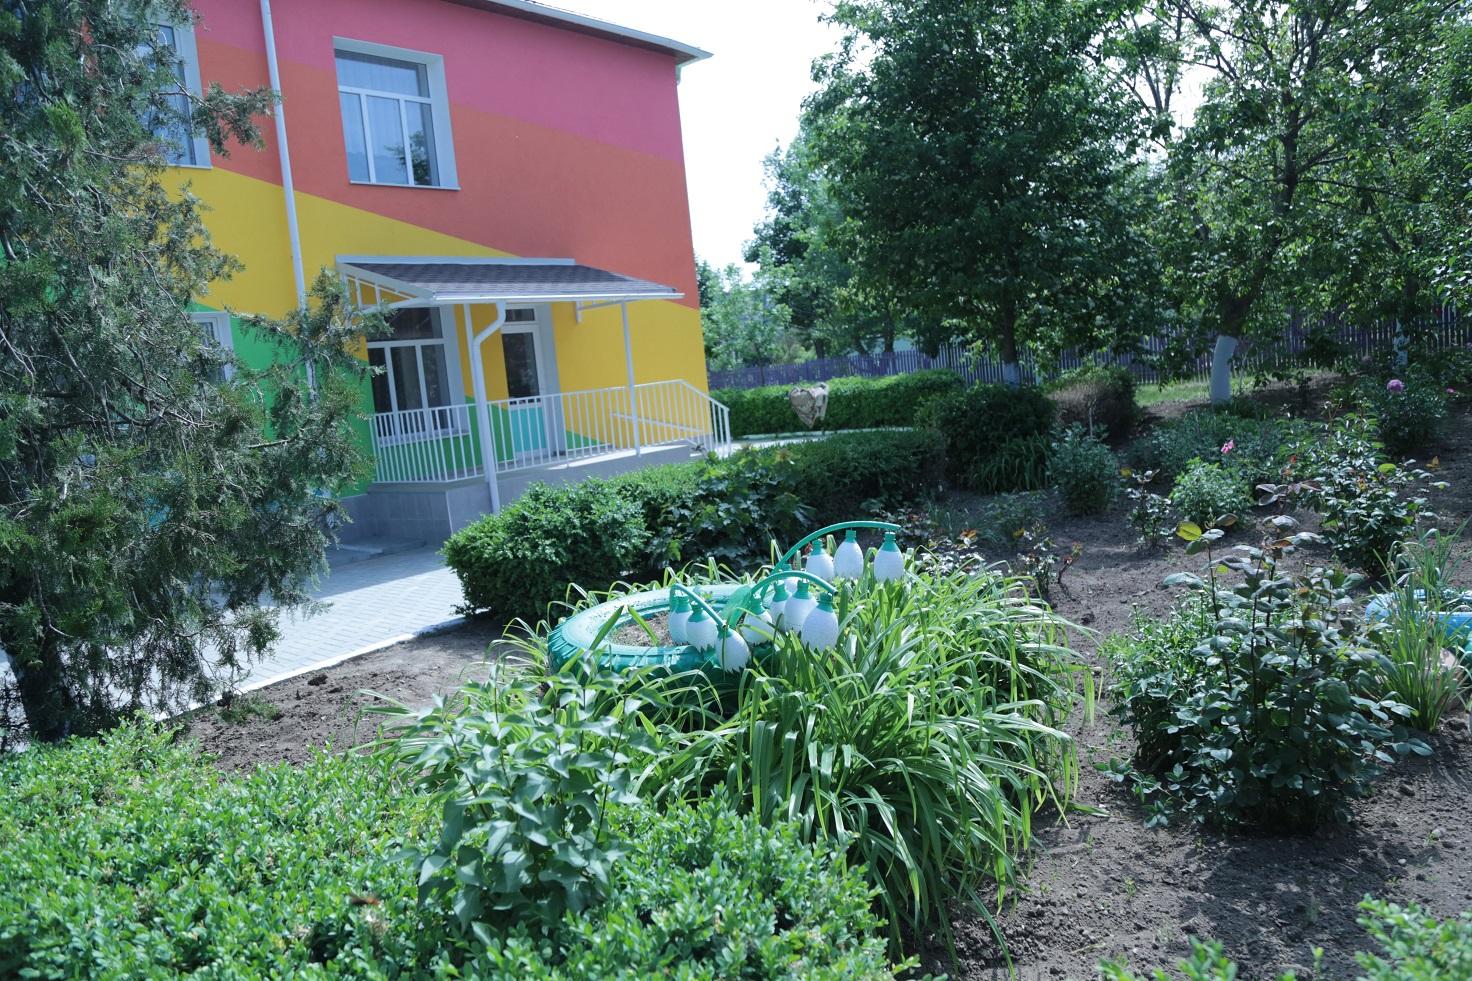 FOTO/ Condiții moderne pentru copiii din câteva localități. Ei vor învăța în clădiri călduroase și aerisite, renovate din bani europeni